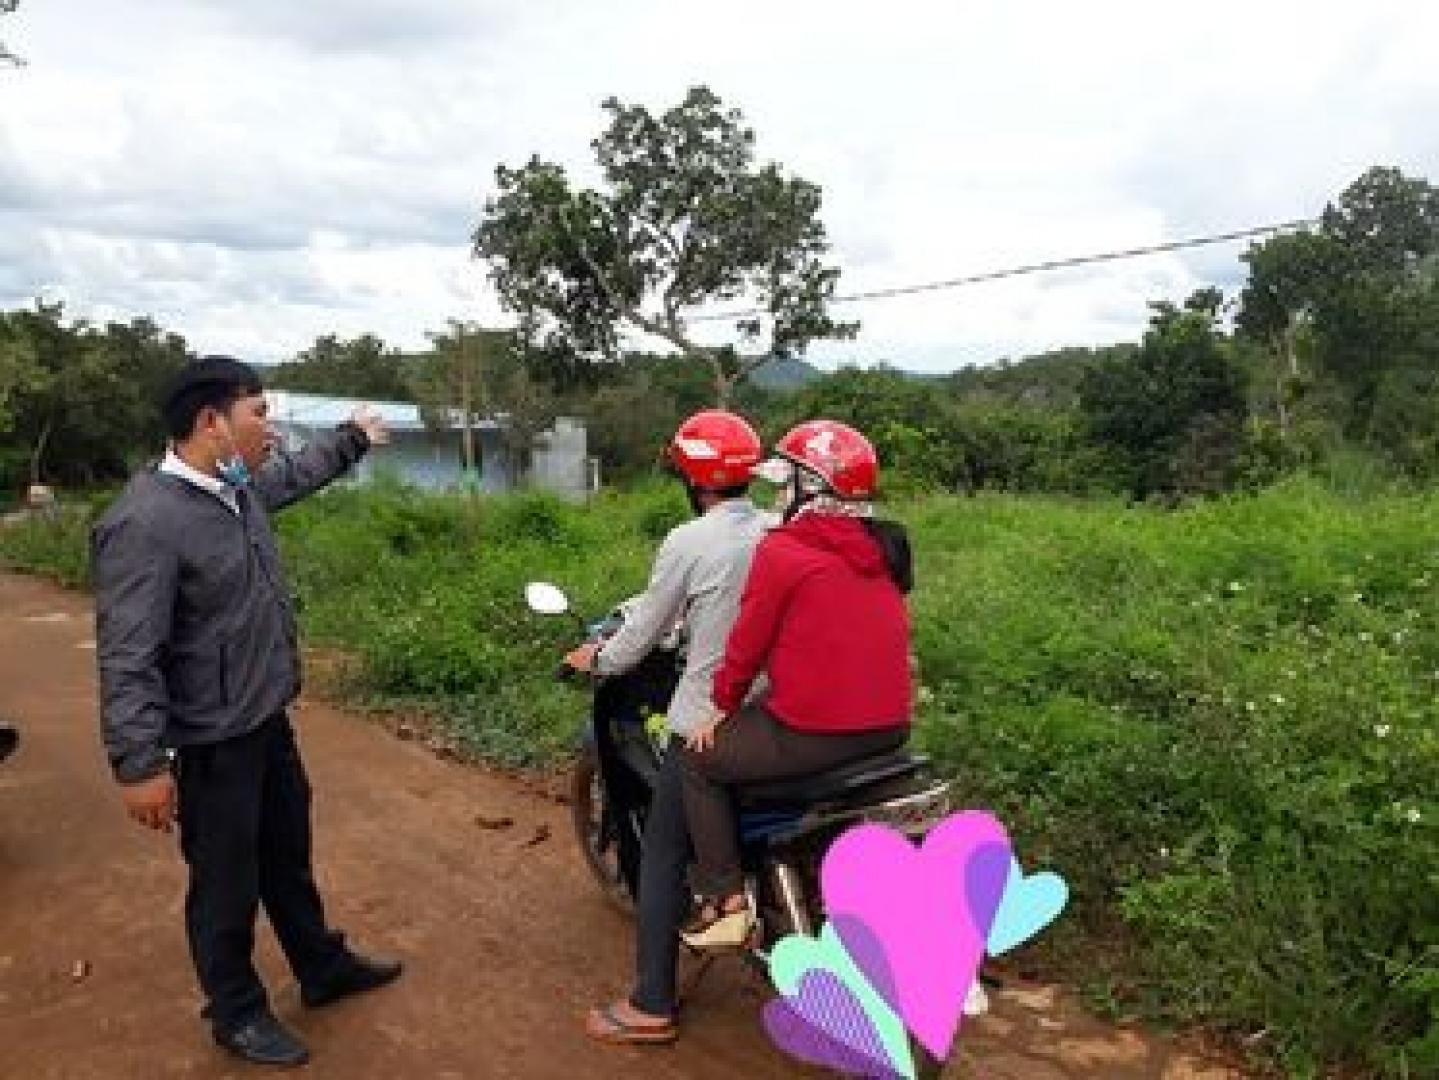 đất nền giá rẻ Minh Hưng cho nhà đầu tư 175tr/nền LH 0846999943